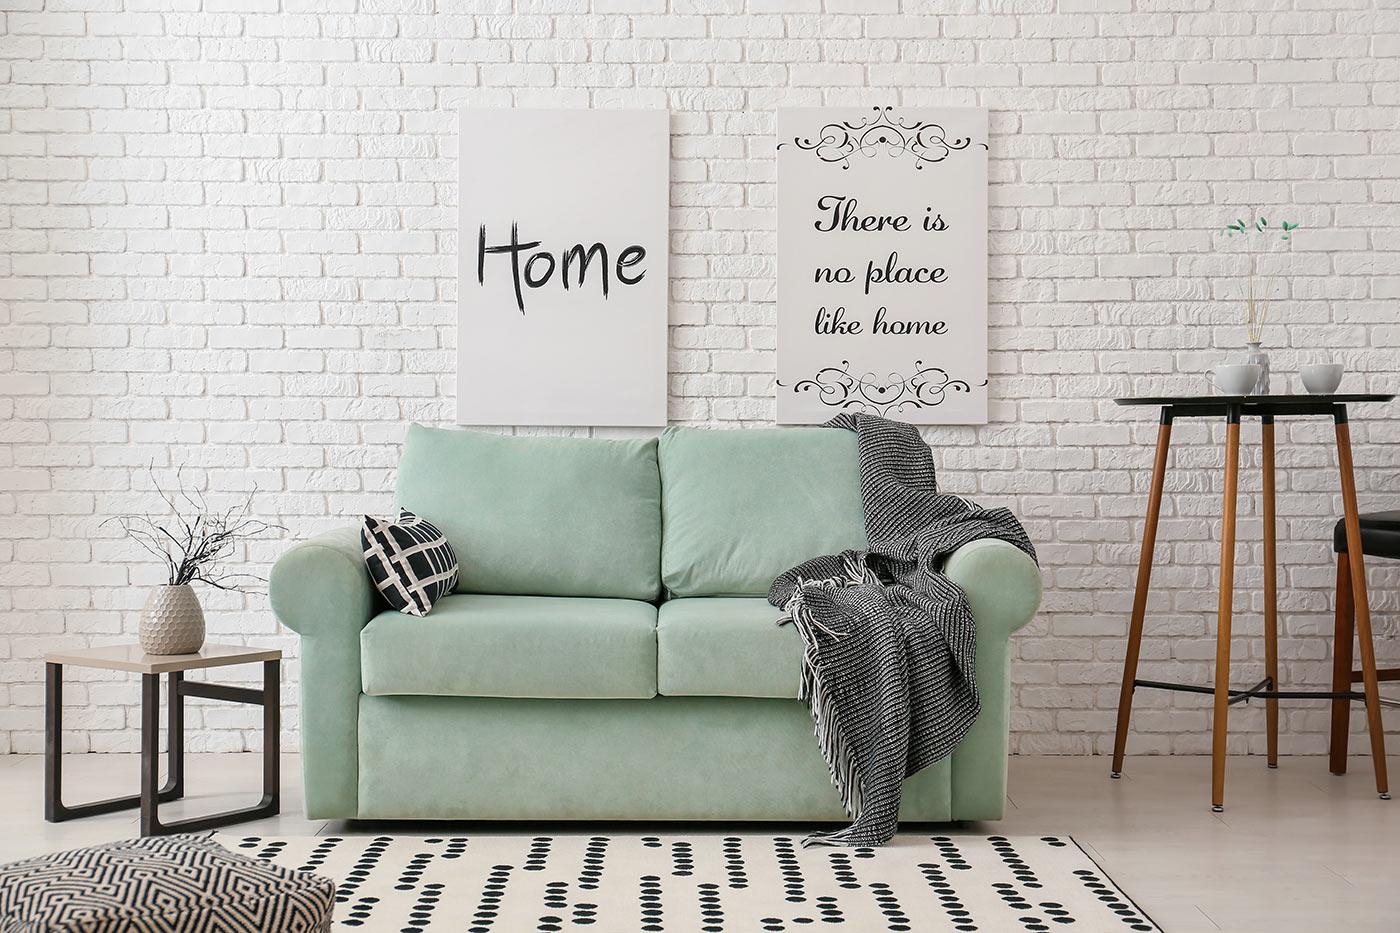 scegliere un divano per una casa piccola